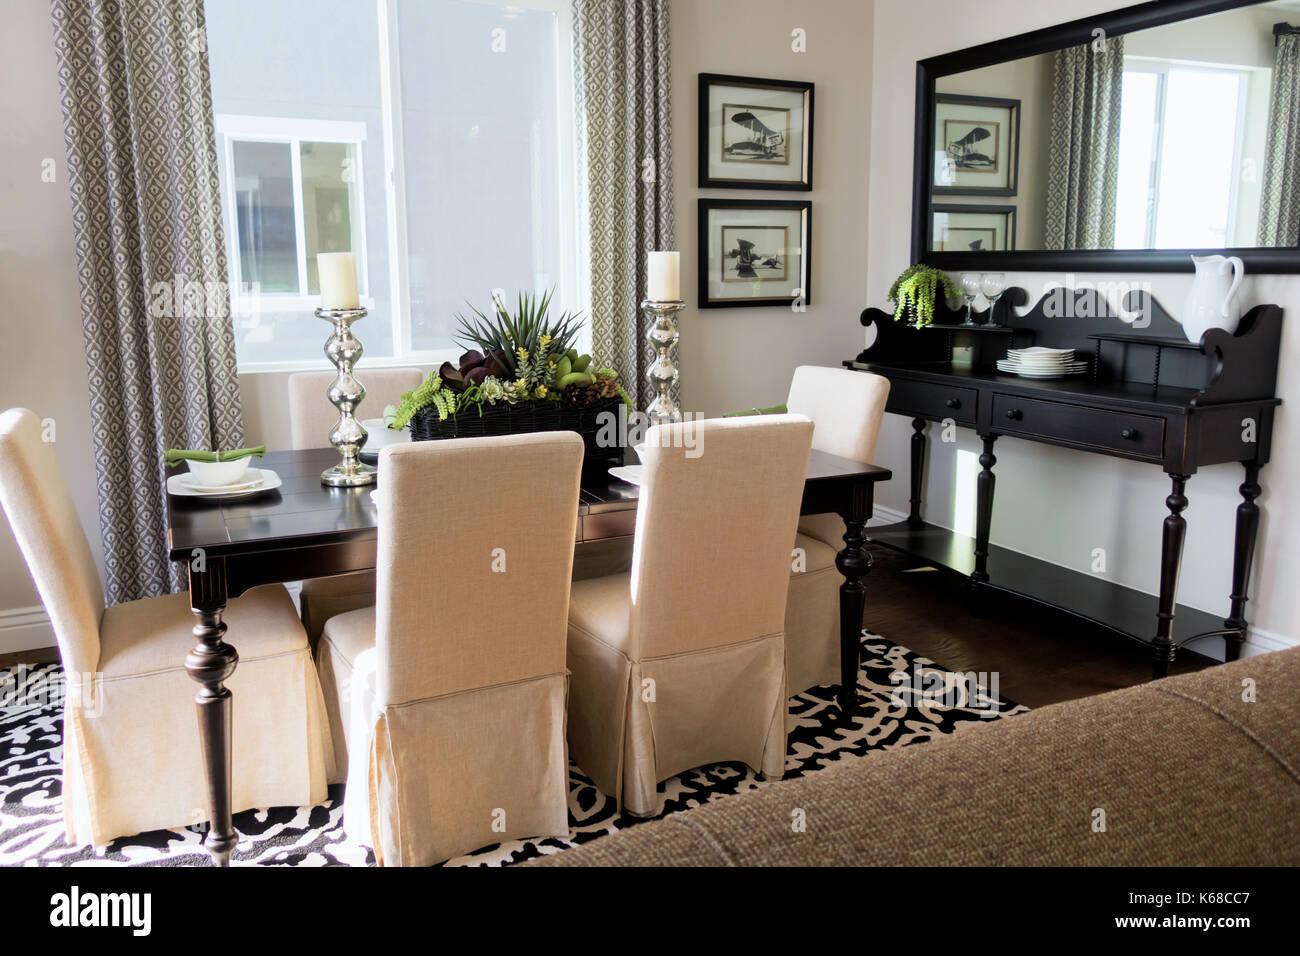 Una mesa de comedor con sillas y un paño blanco freiburg stand en la esquina. Imagen De Stock